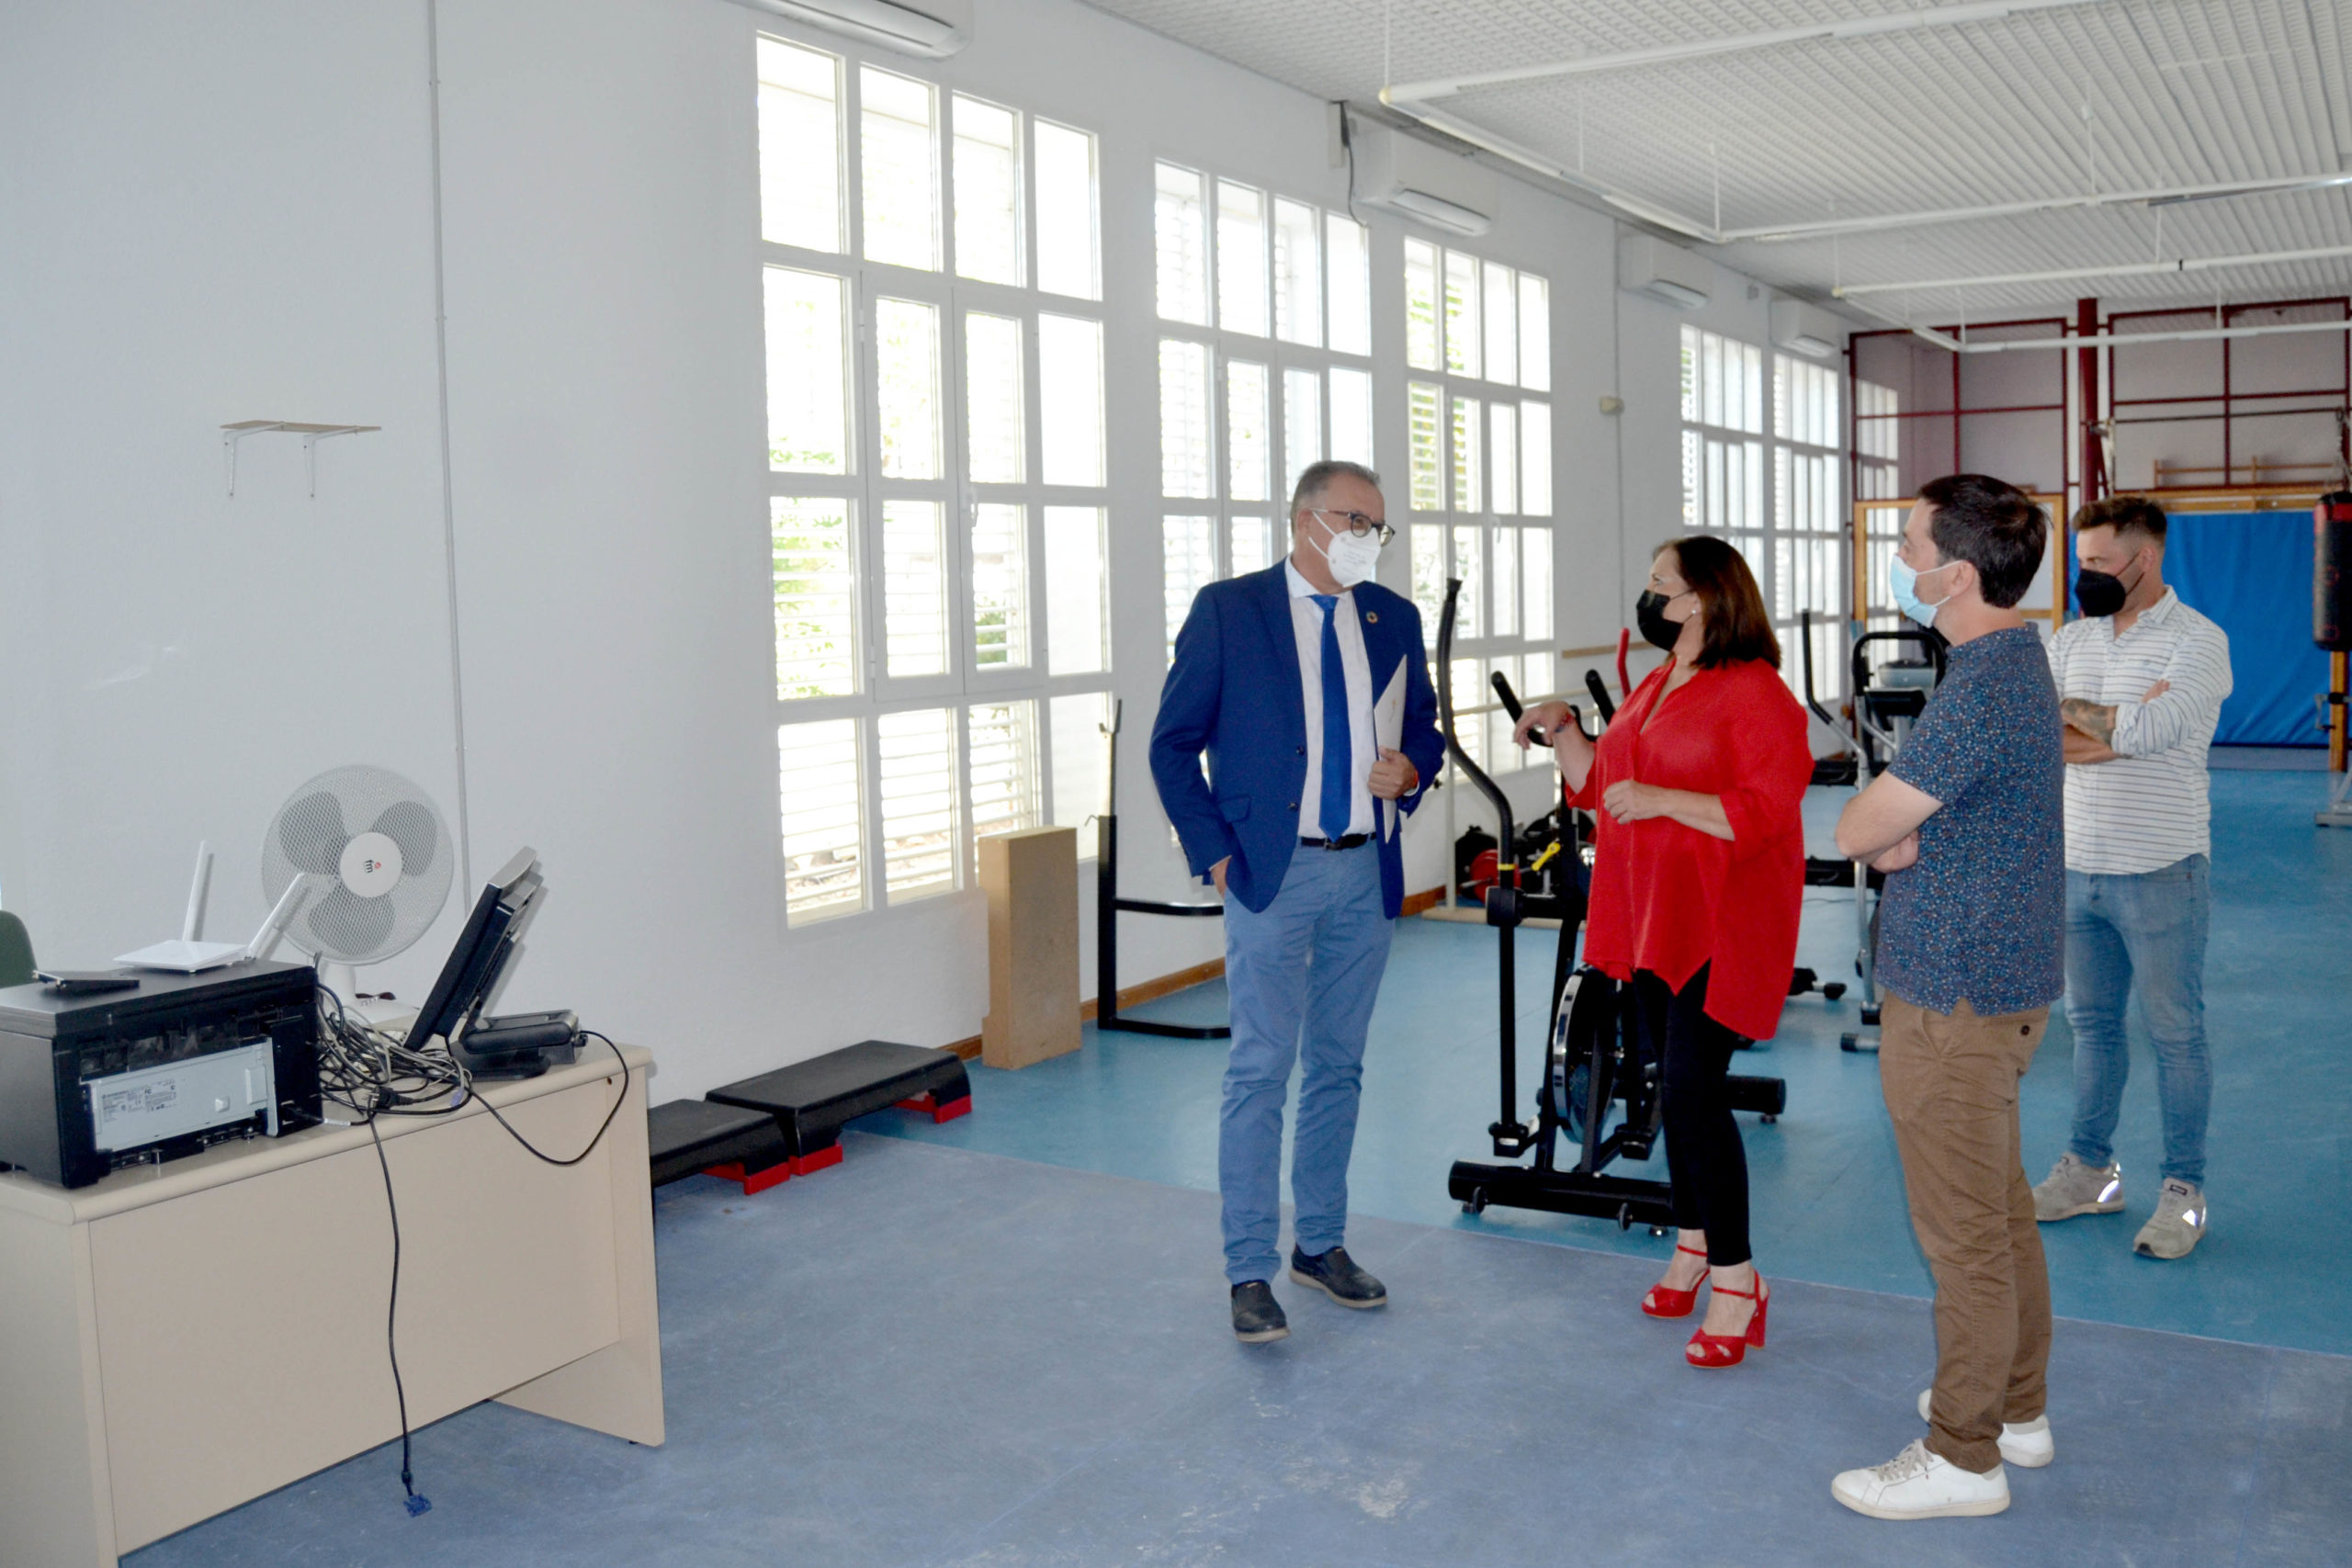 La institución provincial concluye la obra Feder para renovar la envolvente térmica del salón de usos múltiples de Cardeña